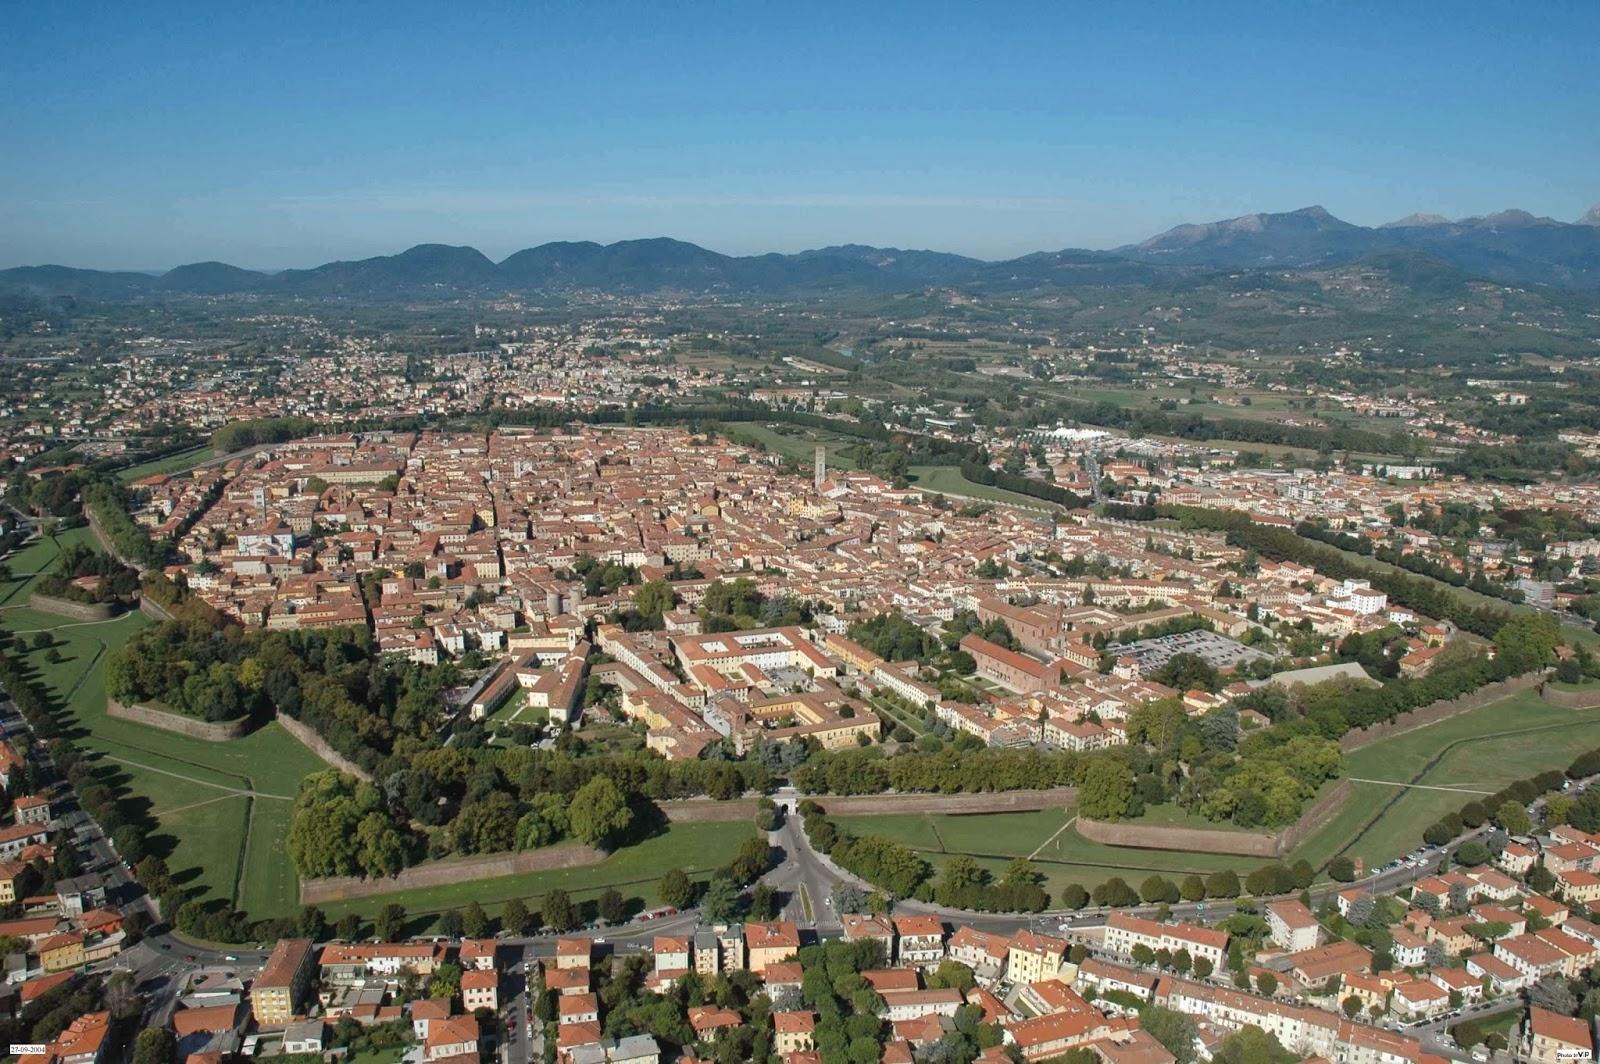 Panorámica de la ciudad de Lucca en la Toscana italiana